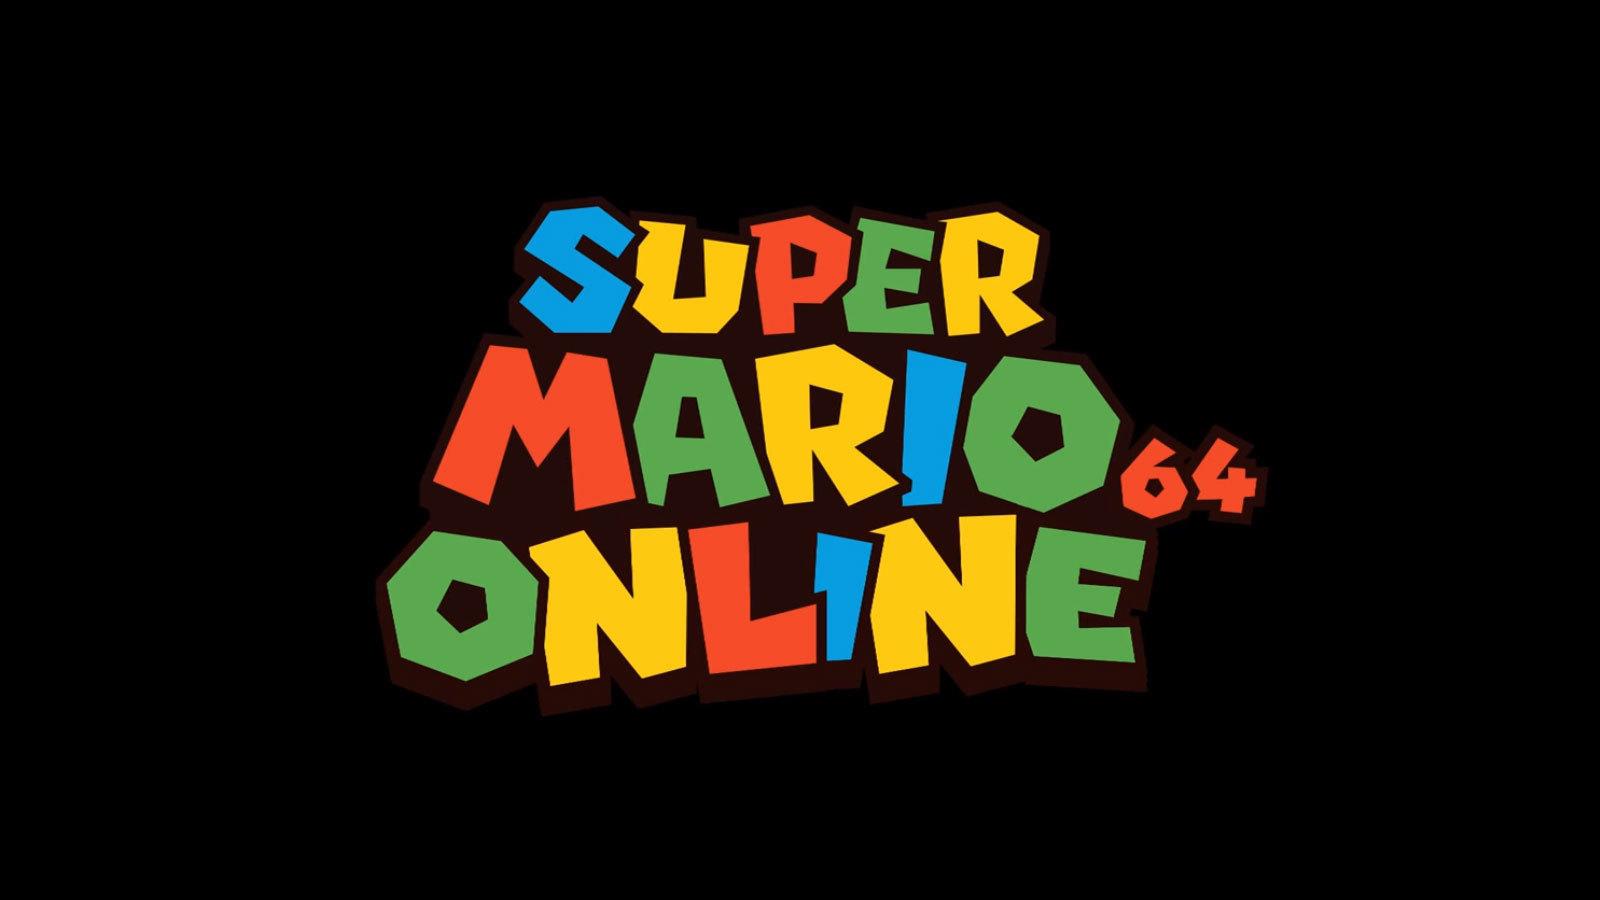 [VIDEO] Dei fan realizzano e rilasciano gratuitamente Super Mario 64 Online